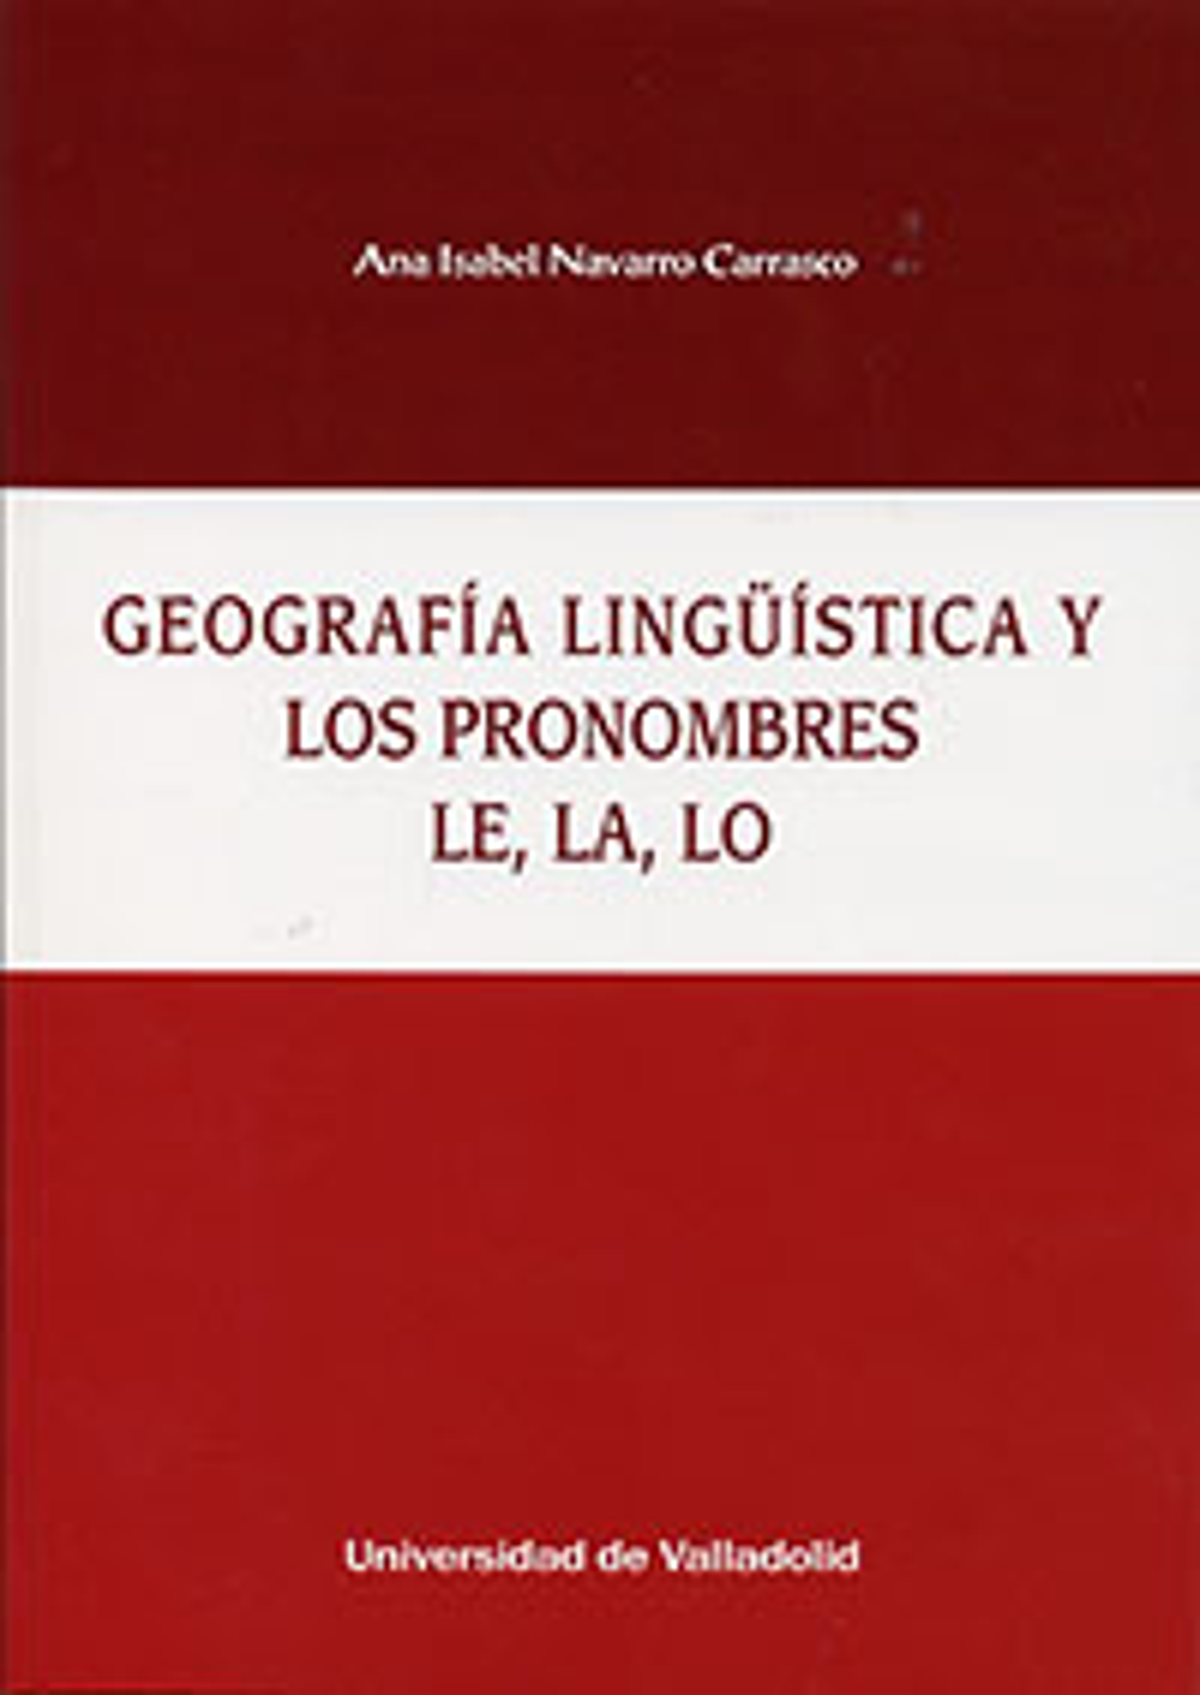 Geografía lingüística y pronombres le, la, lo - Navarro Carrasco, Ana Isabel